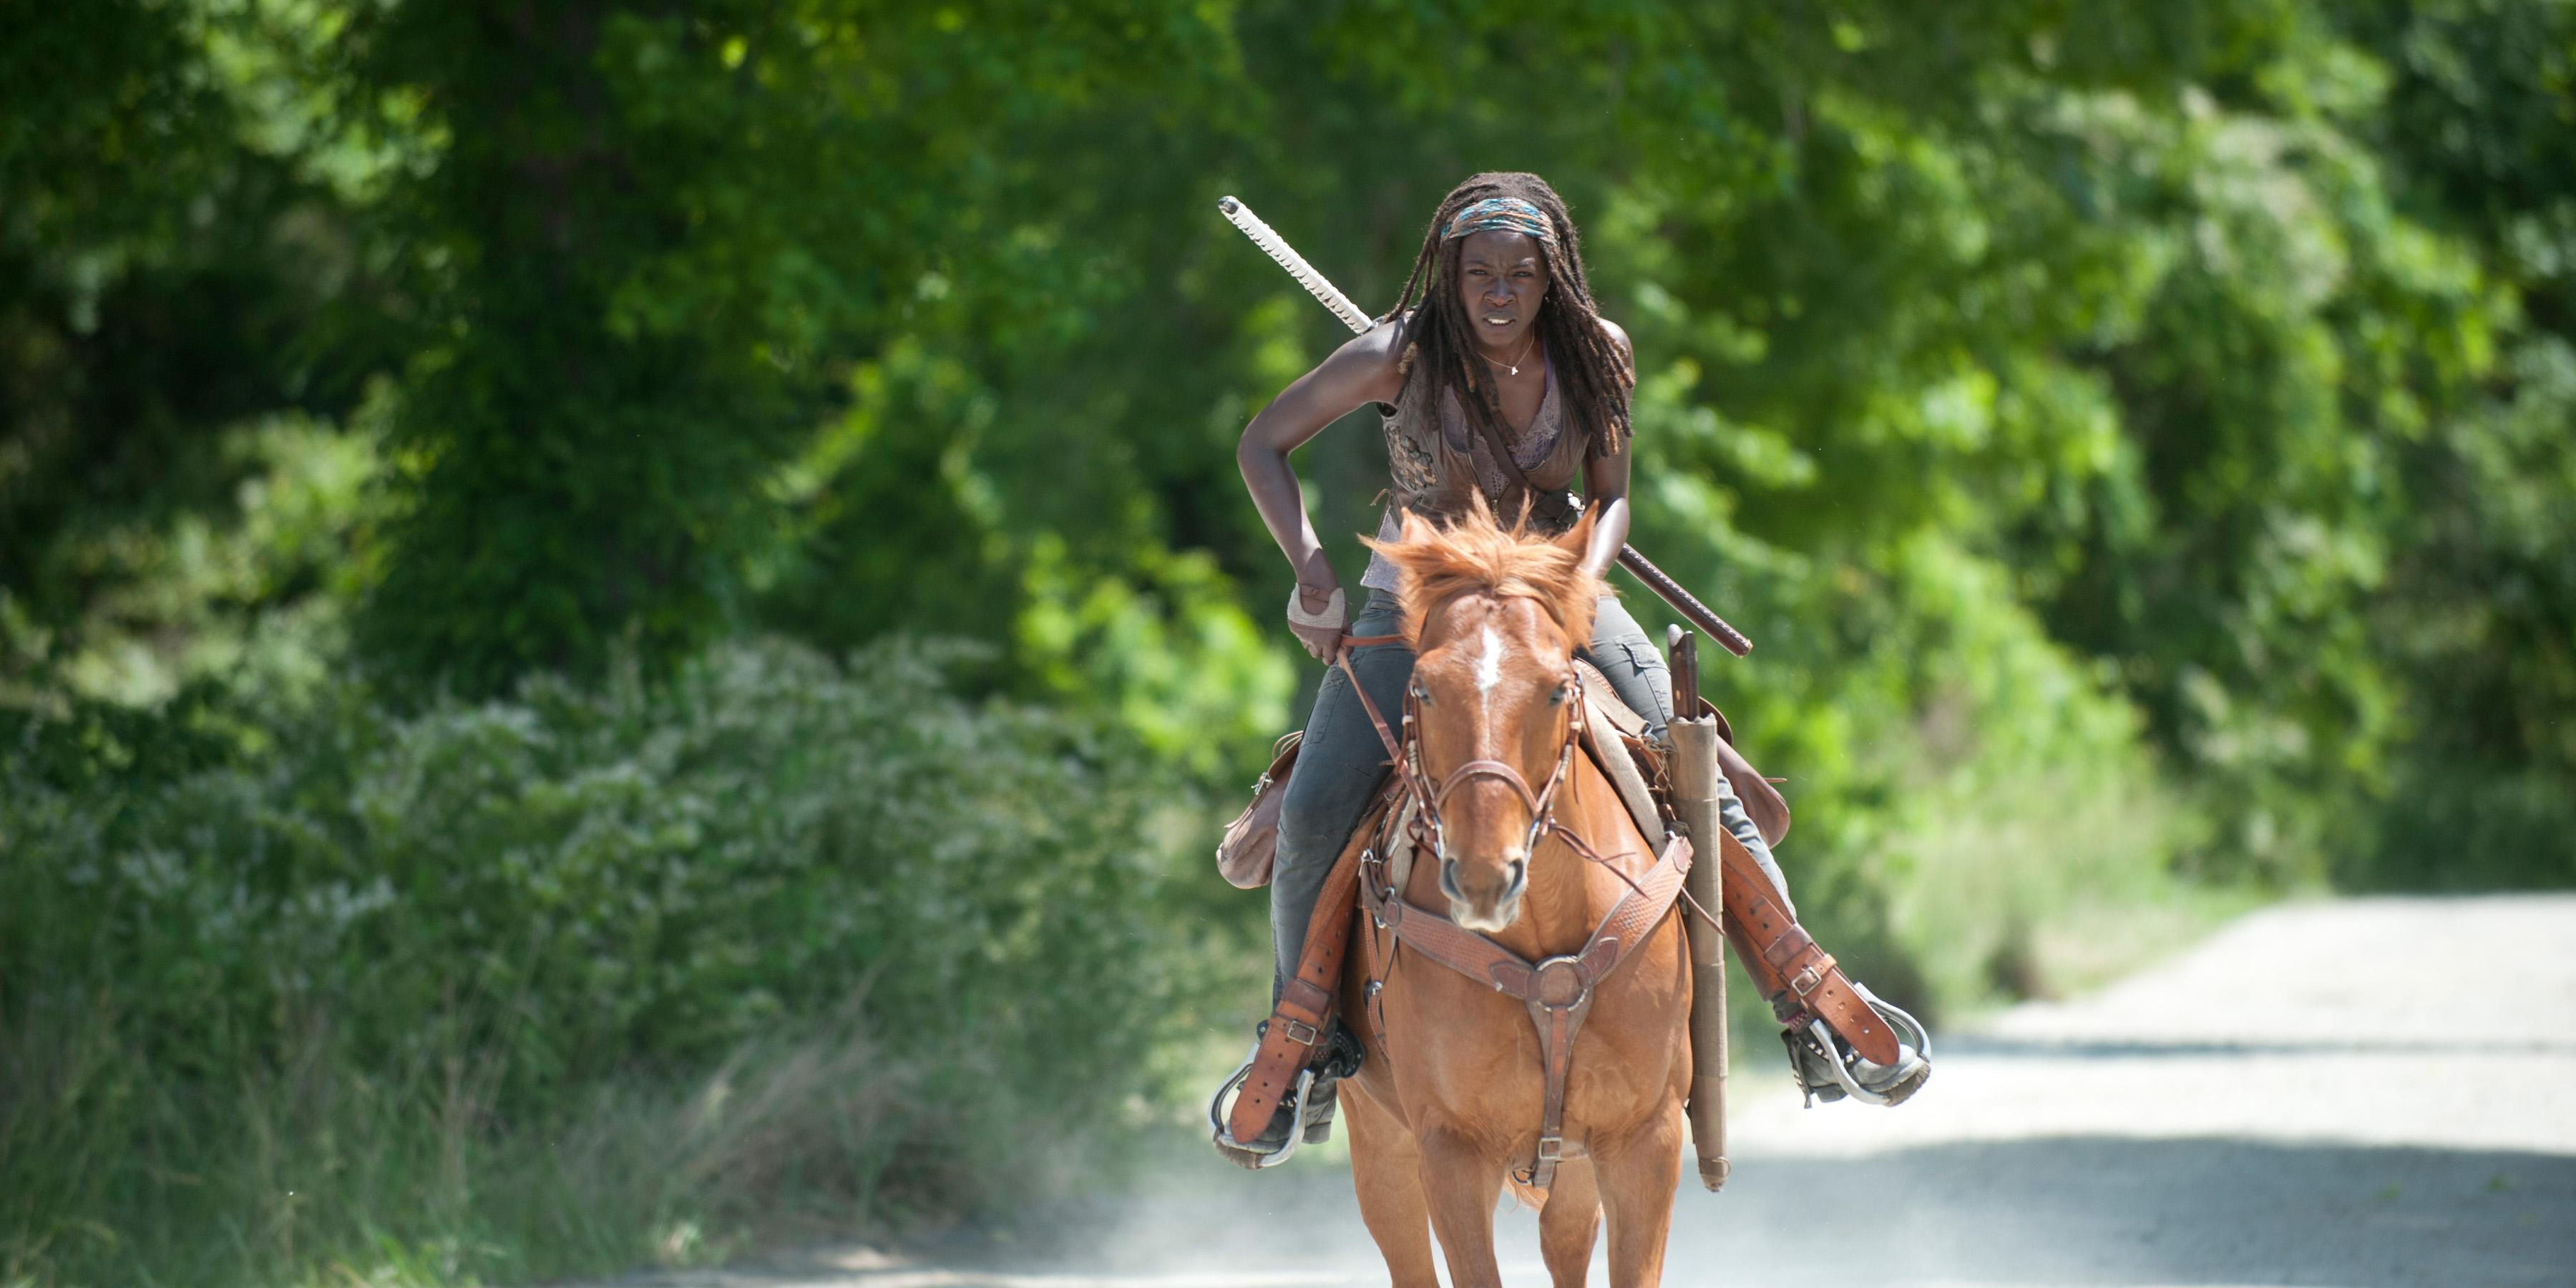 Michonne-The-Walking-Dead-4-Temporada-Episodio-S04E02-Infected-002